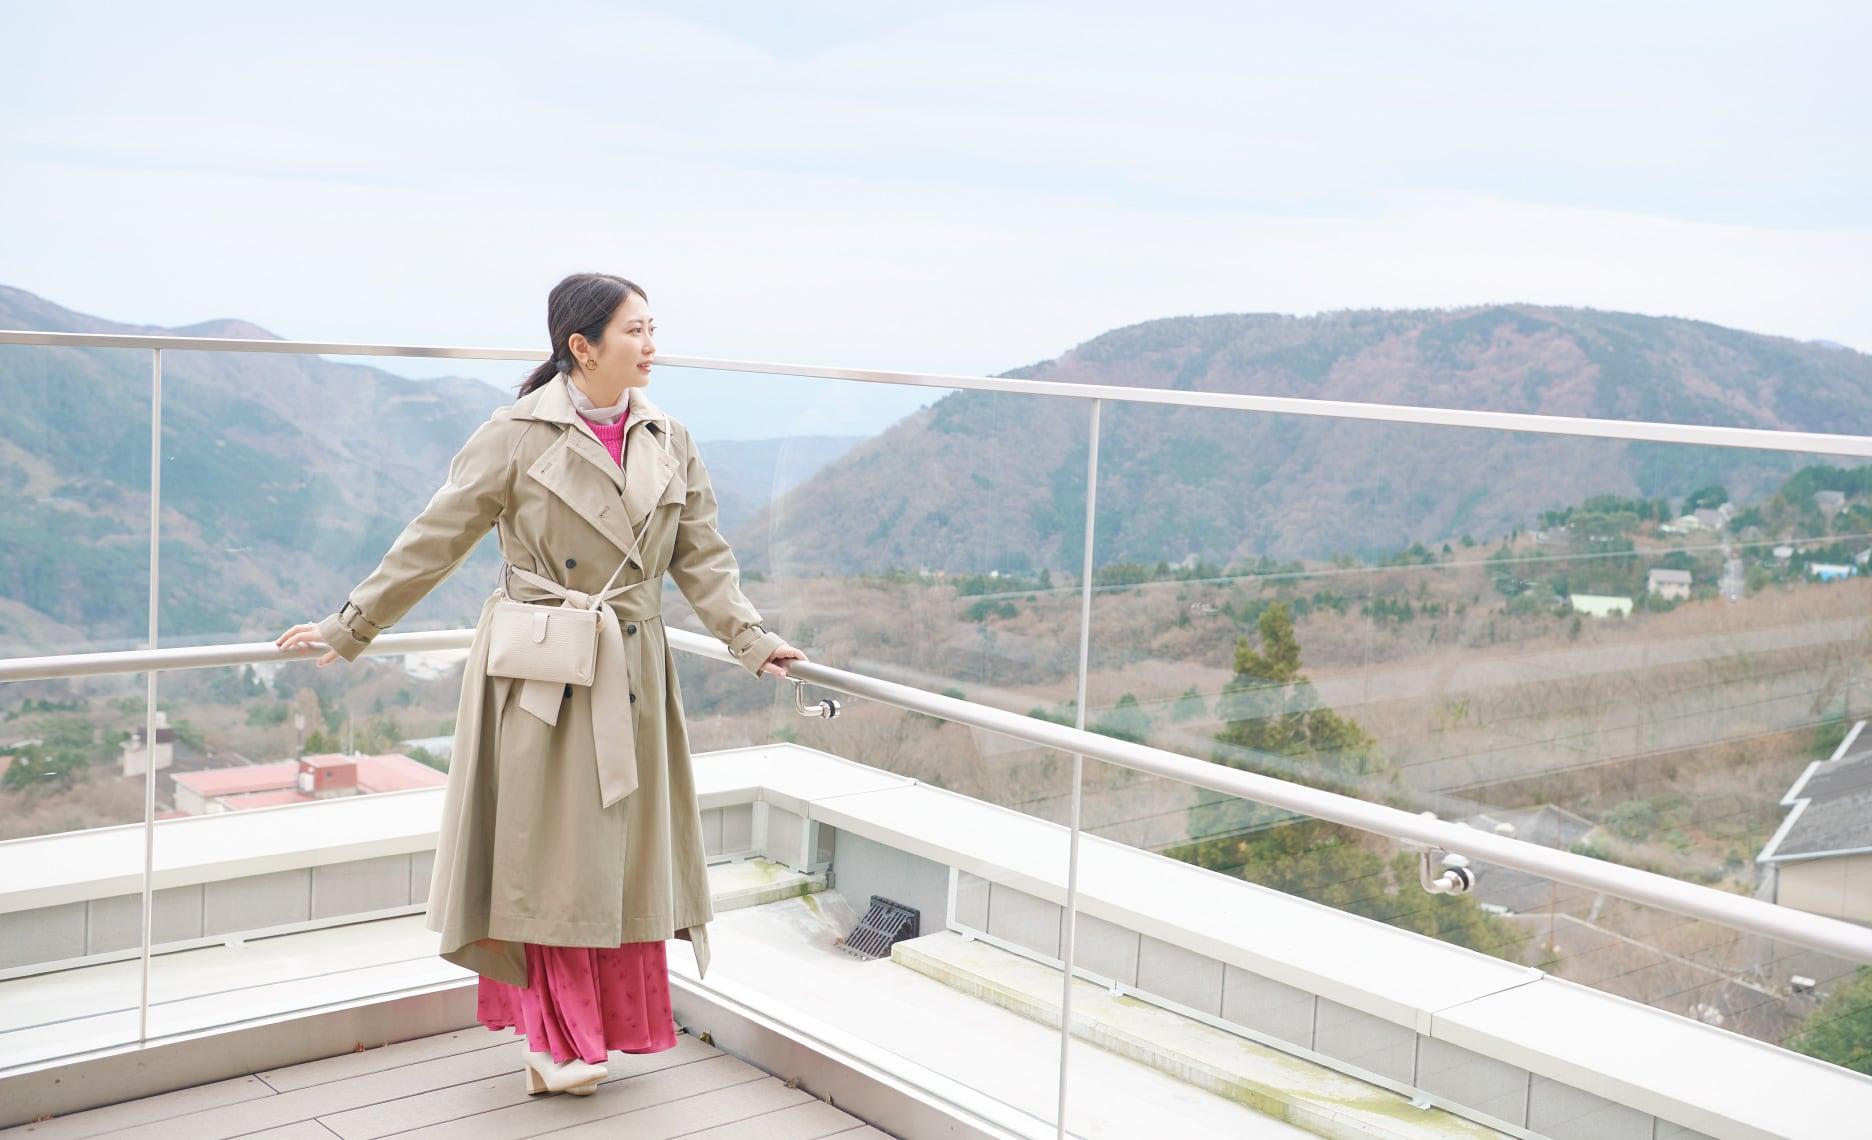 志田未来さんがナビゲート ゆるり、箱根で感性を磨く旅